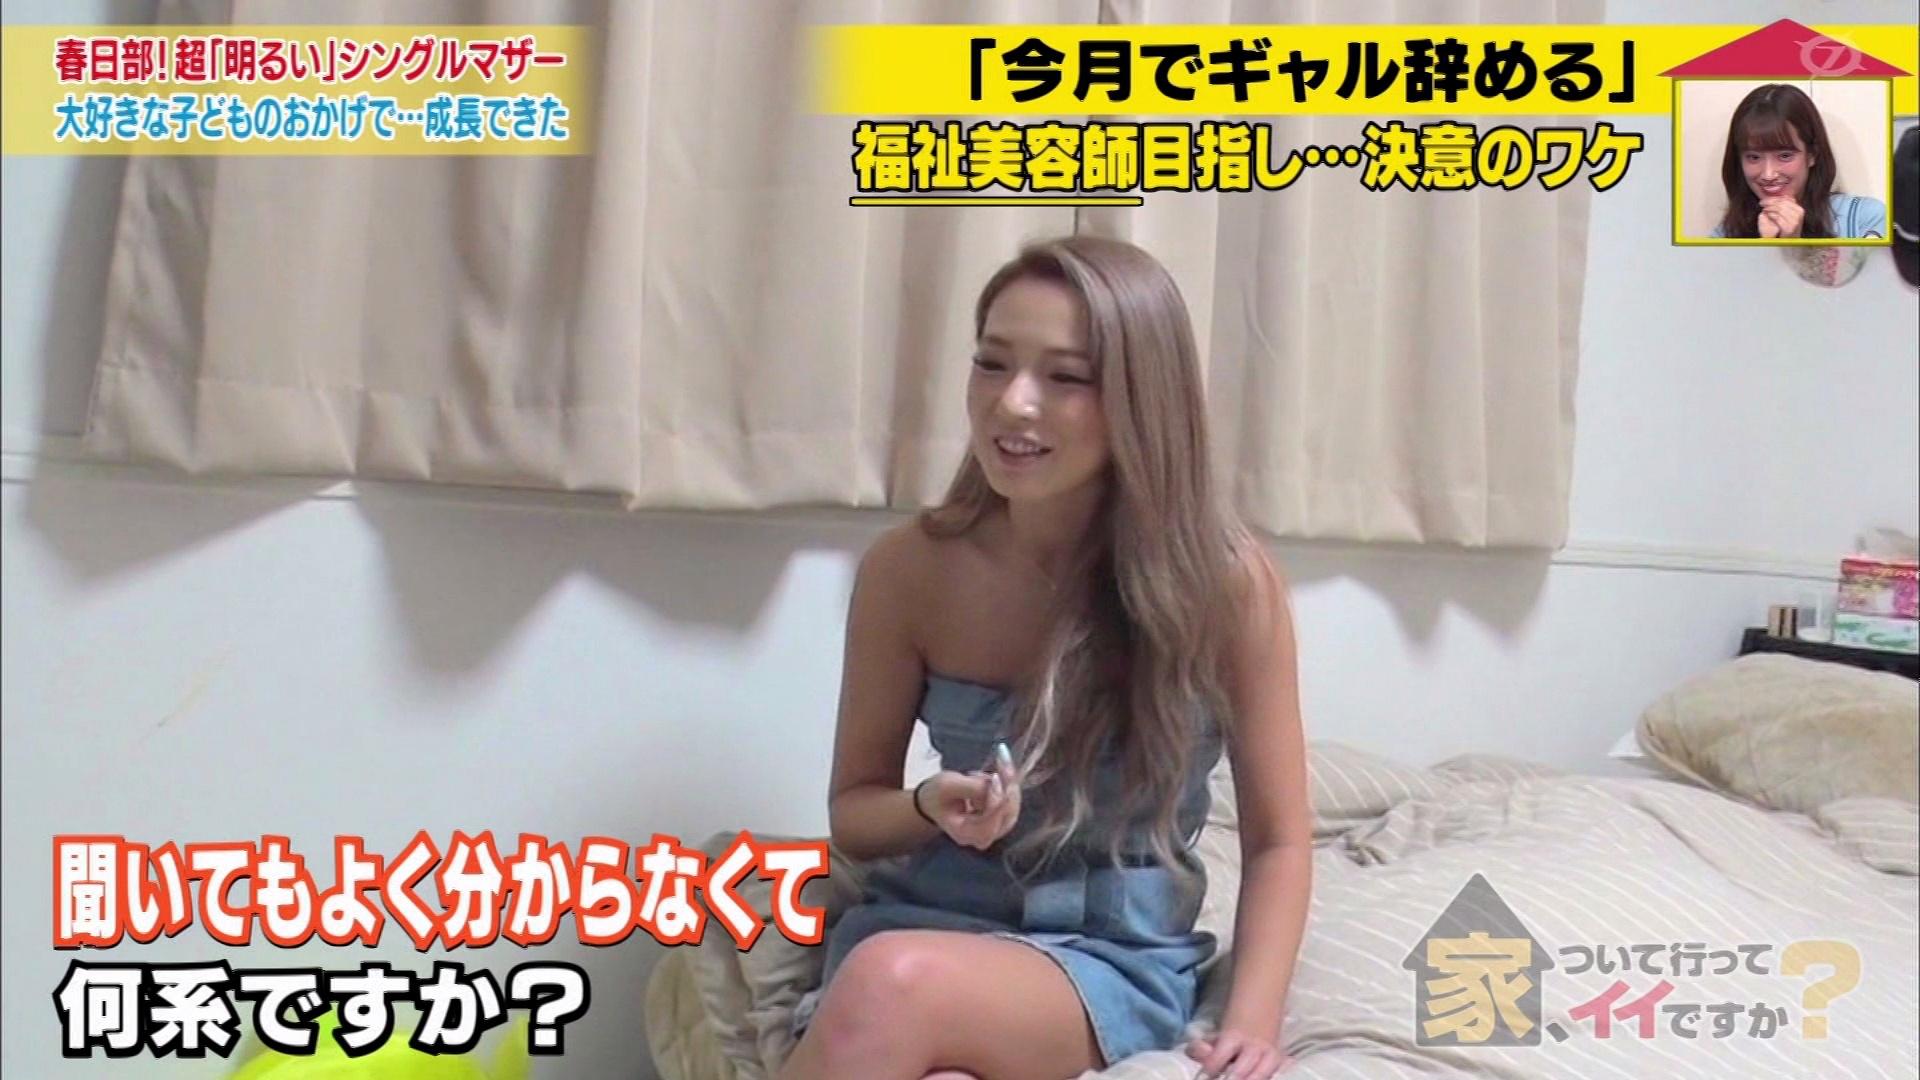 2019年8月14日に放送された「家、ついて行ってイイですか?」のテレビキャプチャー画像-368